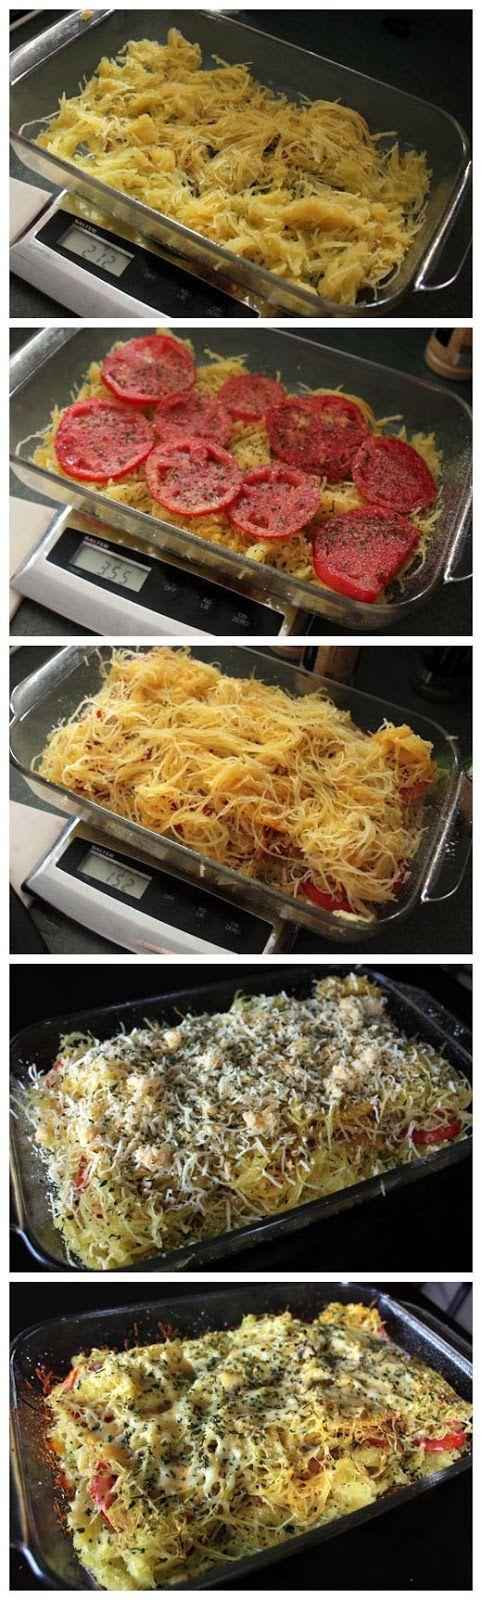 Spaghetti Squash and Tomato Bake.